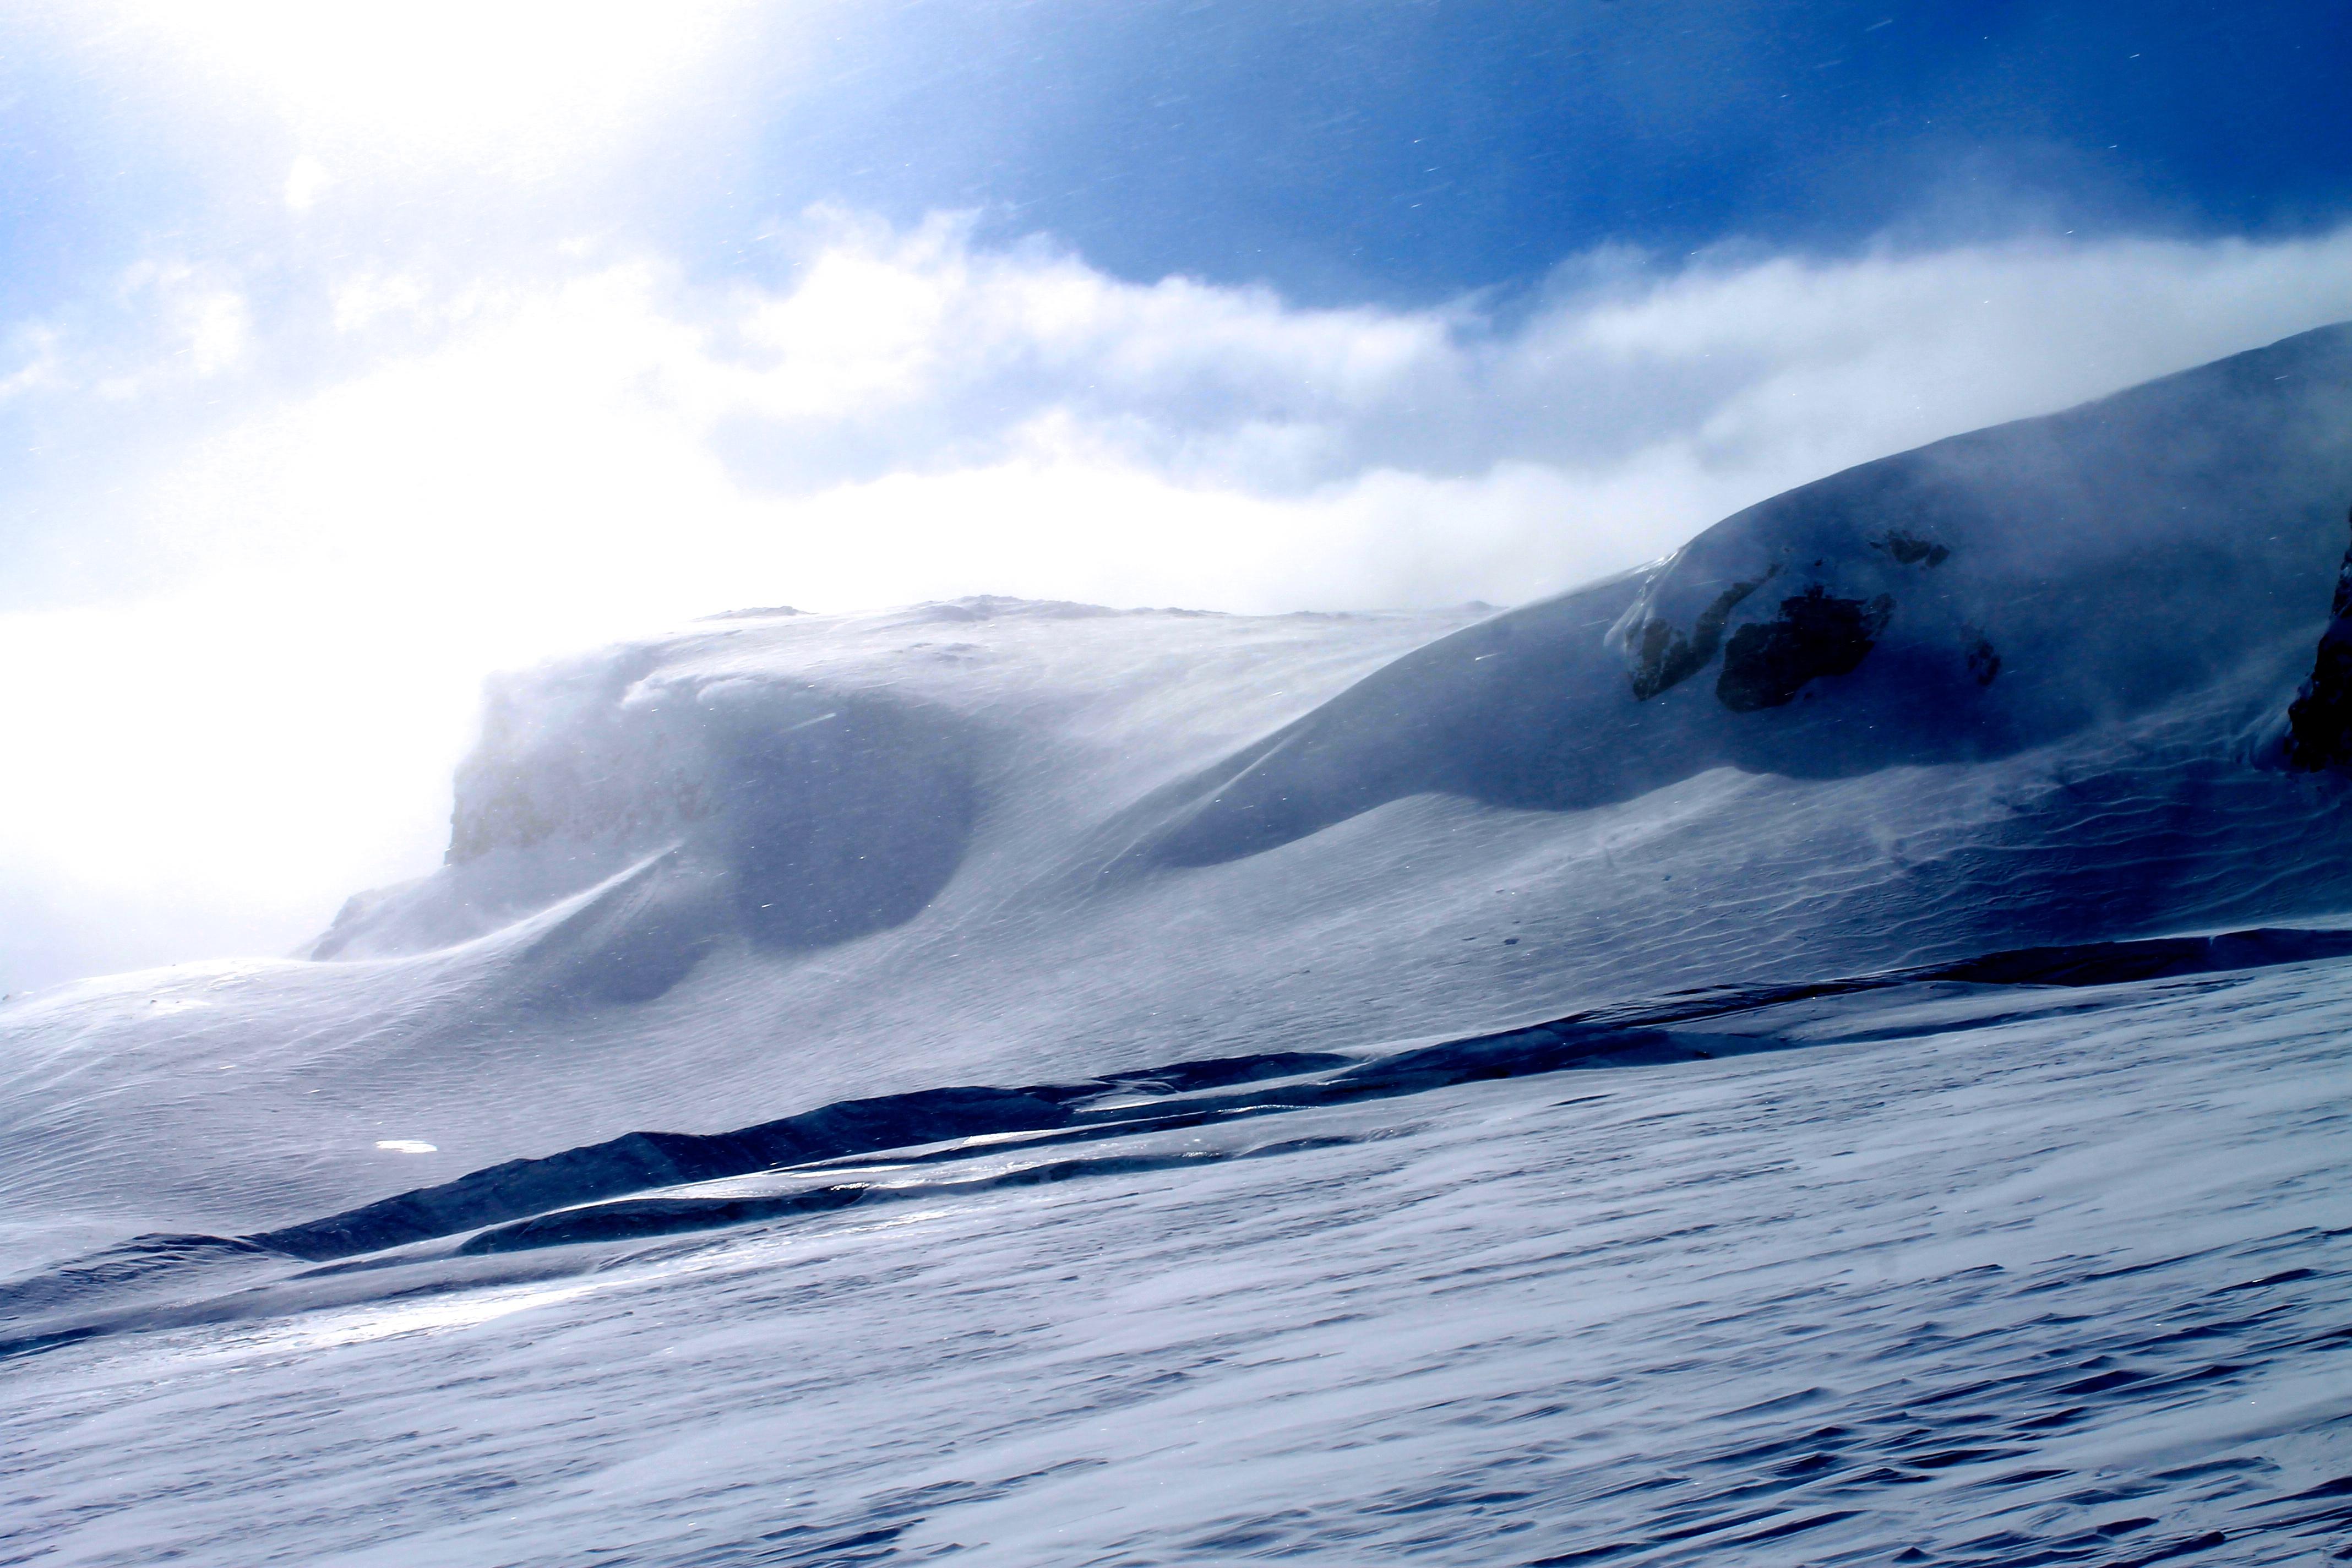 Bresprekker på Vestra Leirebottsskåka, et brefall på Hardangerjøkulen. Juklanutane i bakgrunnen.